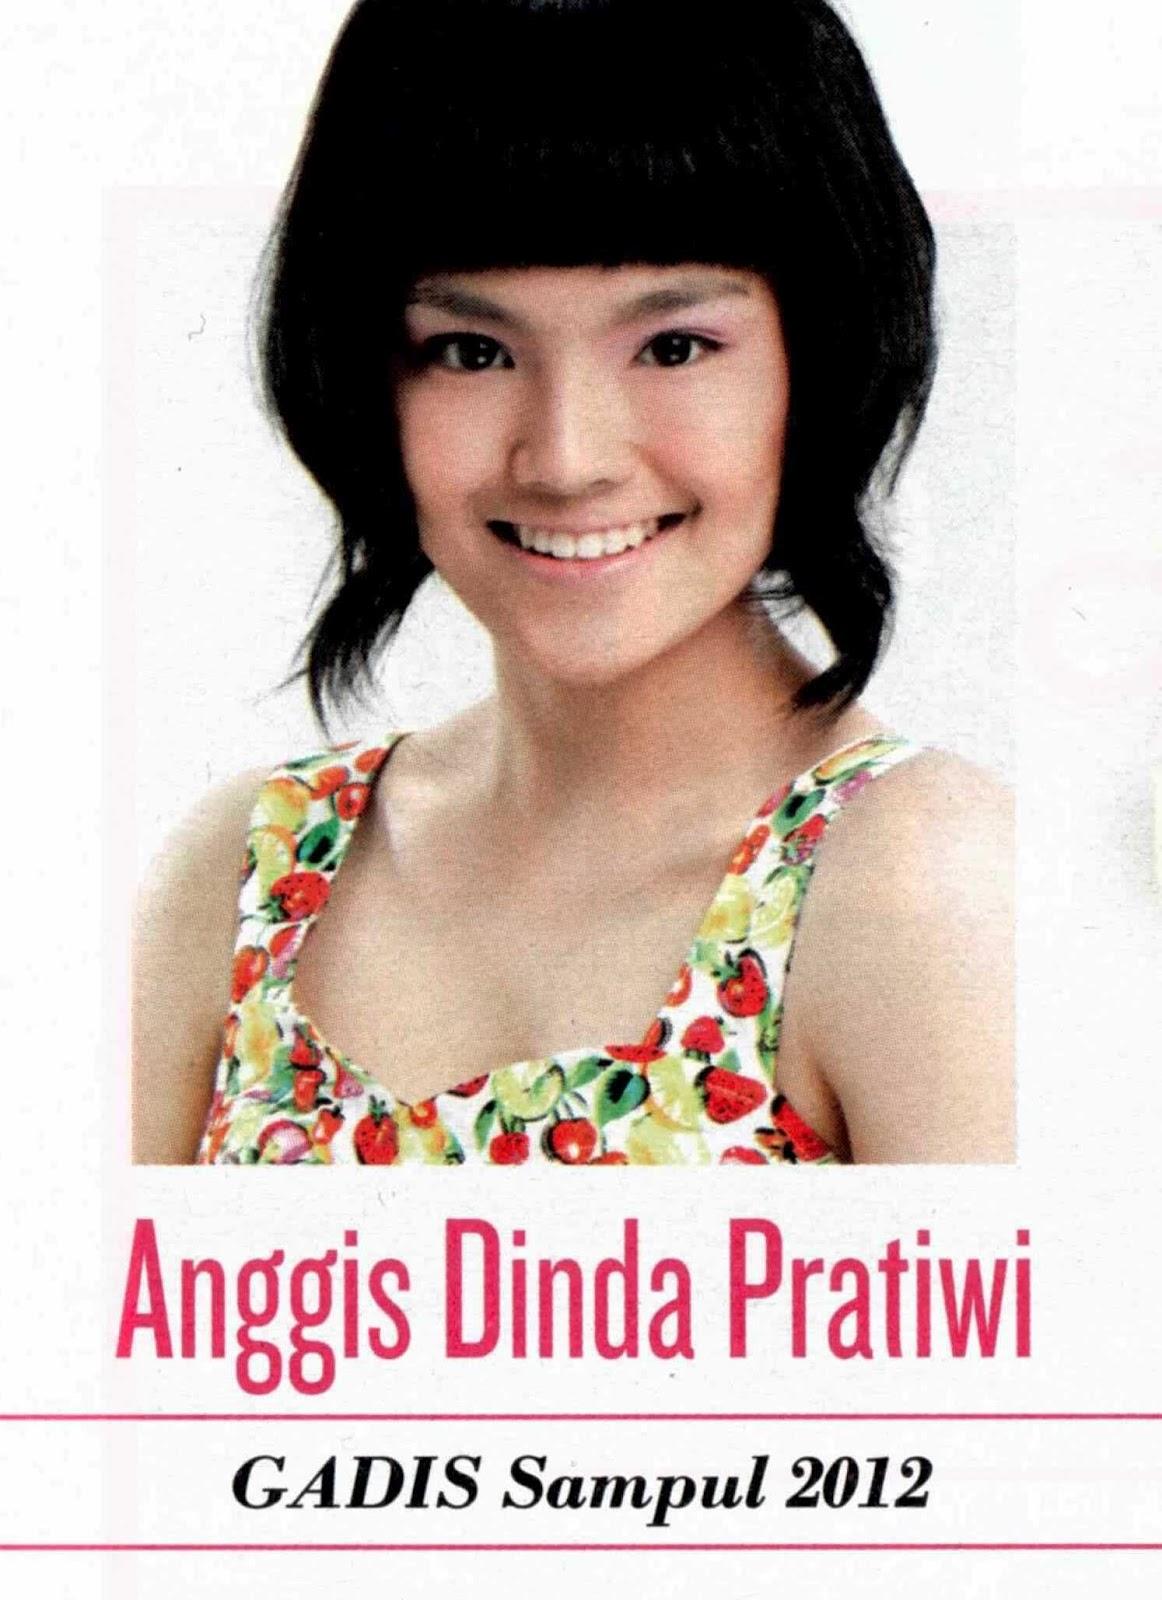 Juara I Gadis Sampul 2012 : Anggis Dinda Pratiwi